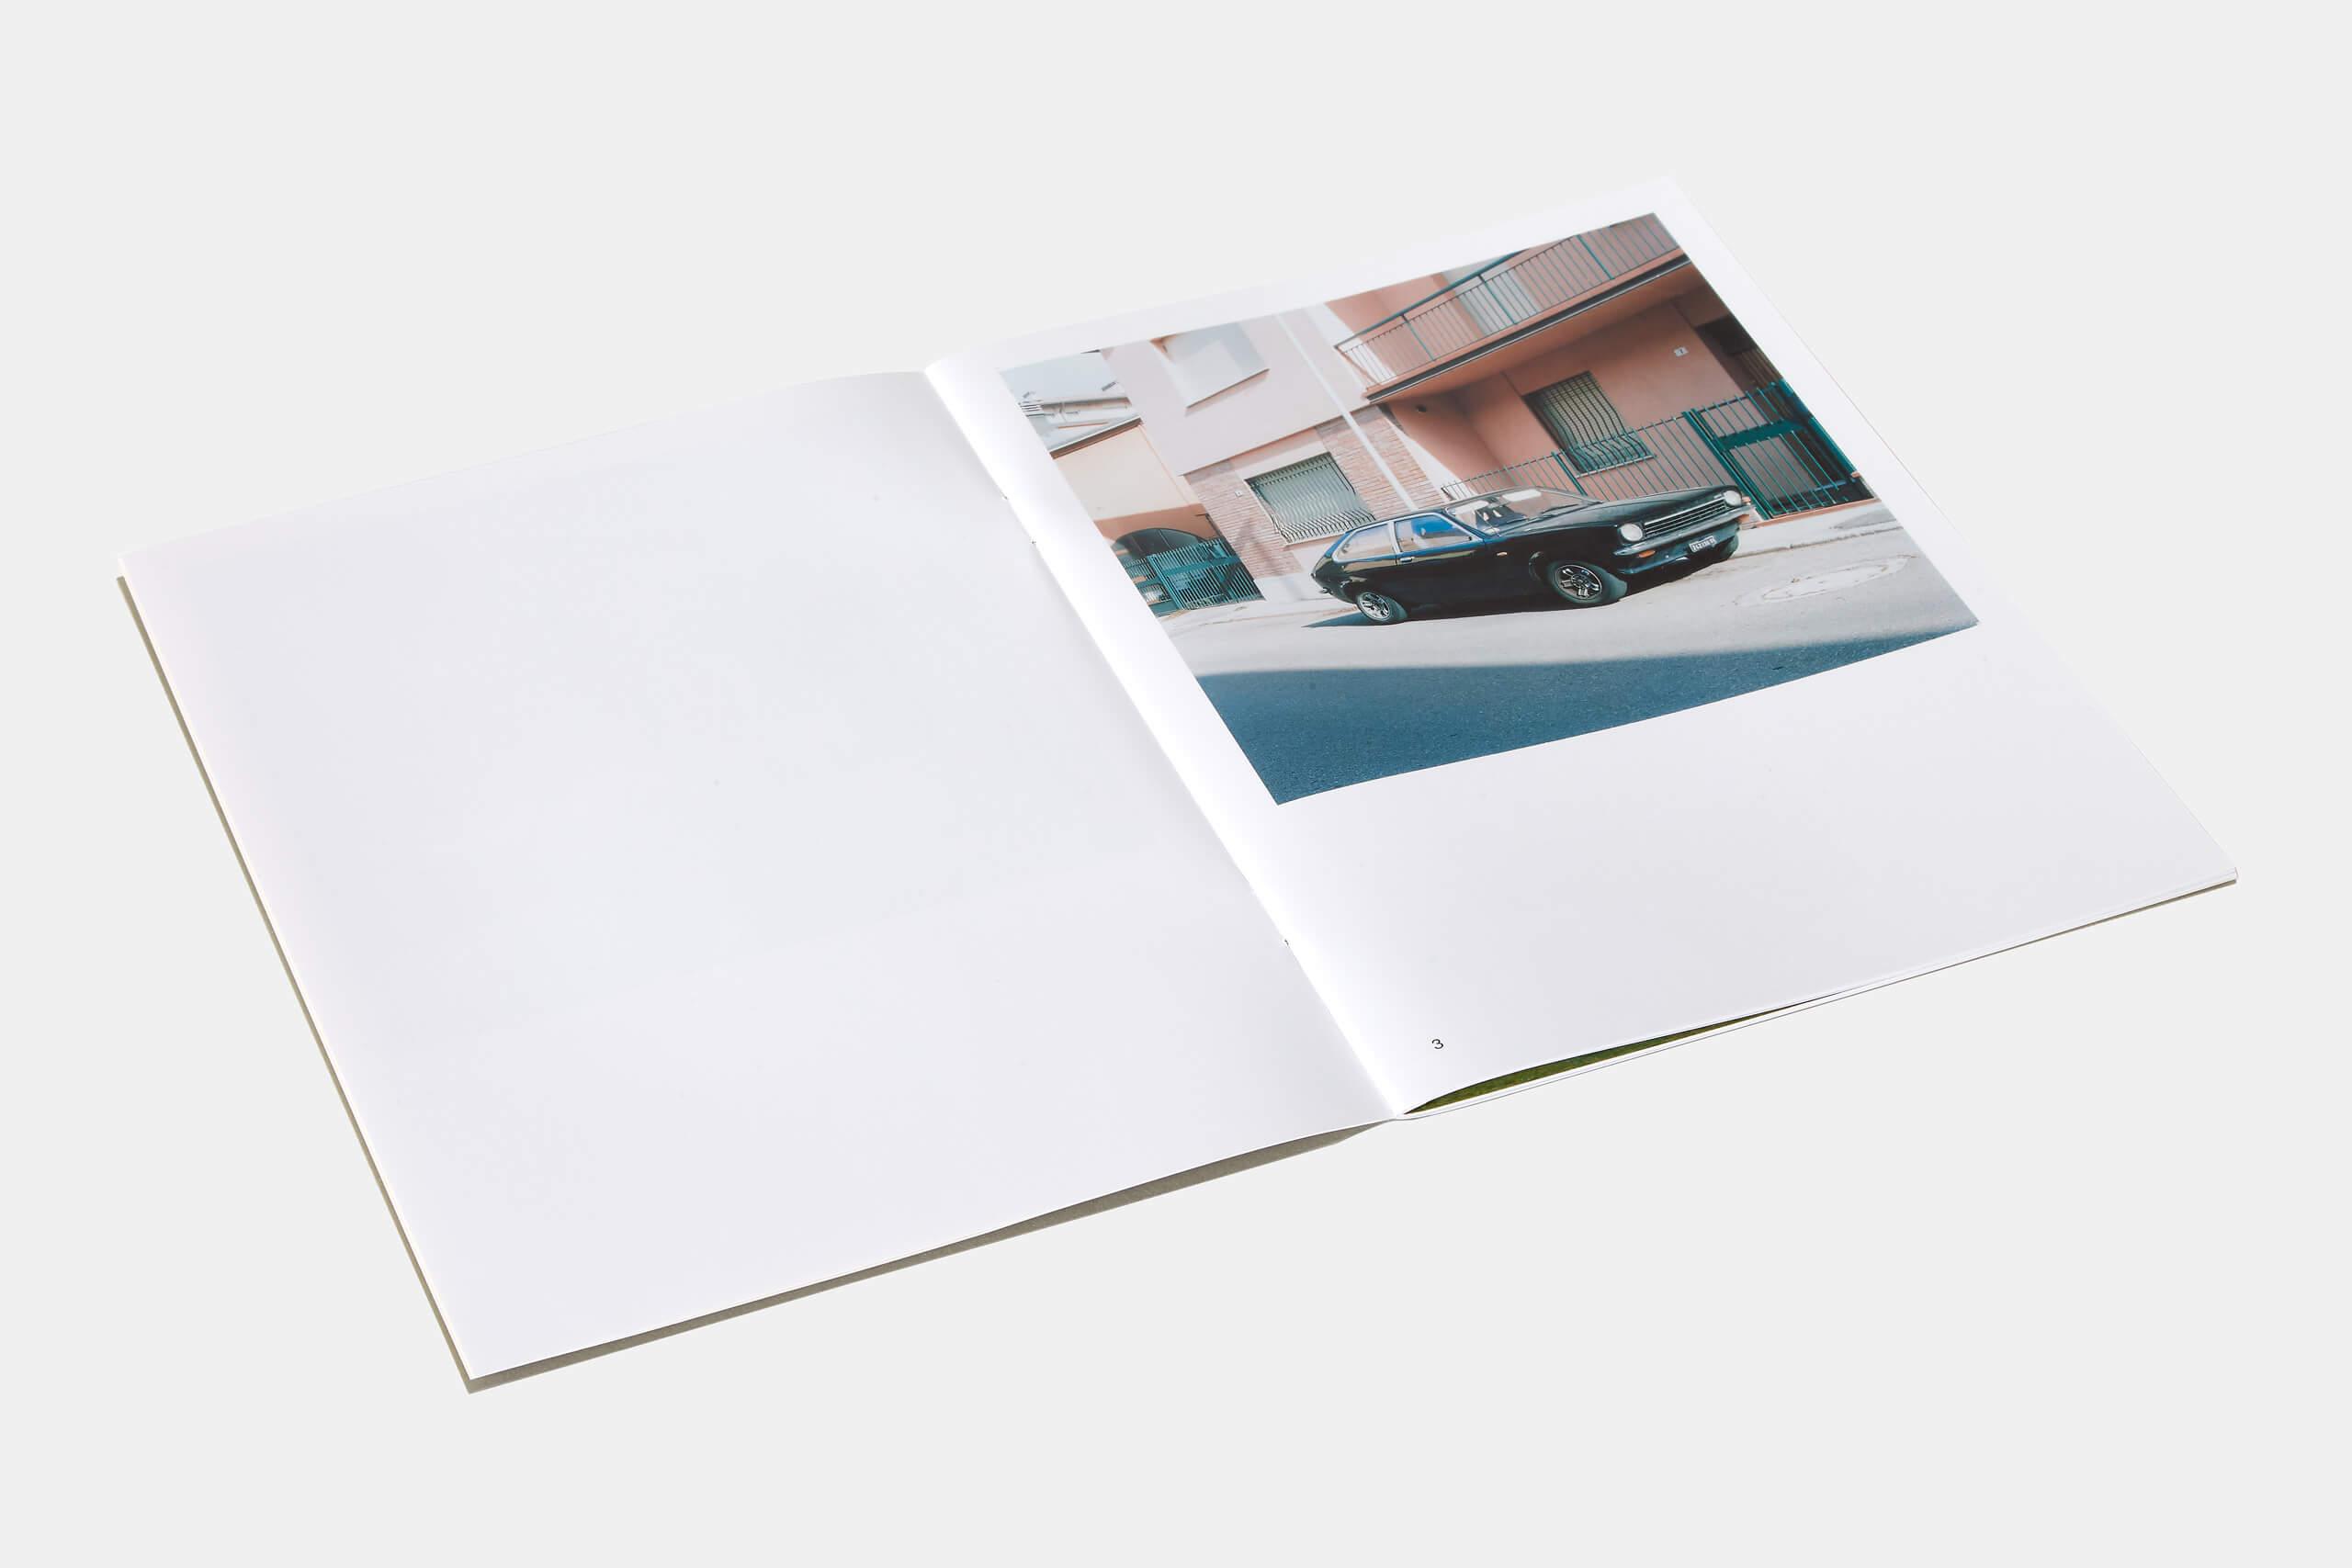 Federico_Covre_Parendo_Alla_Mente_Book_Osservatorio_Fotografico_2014_05